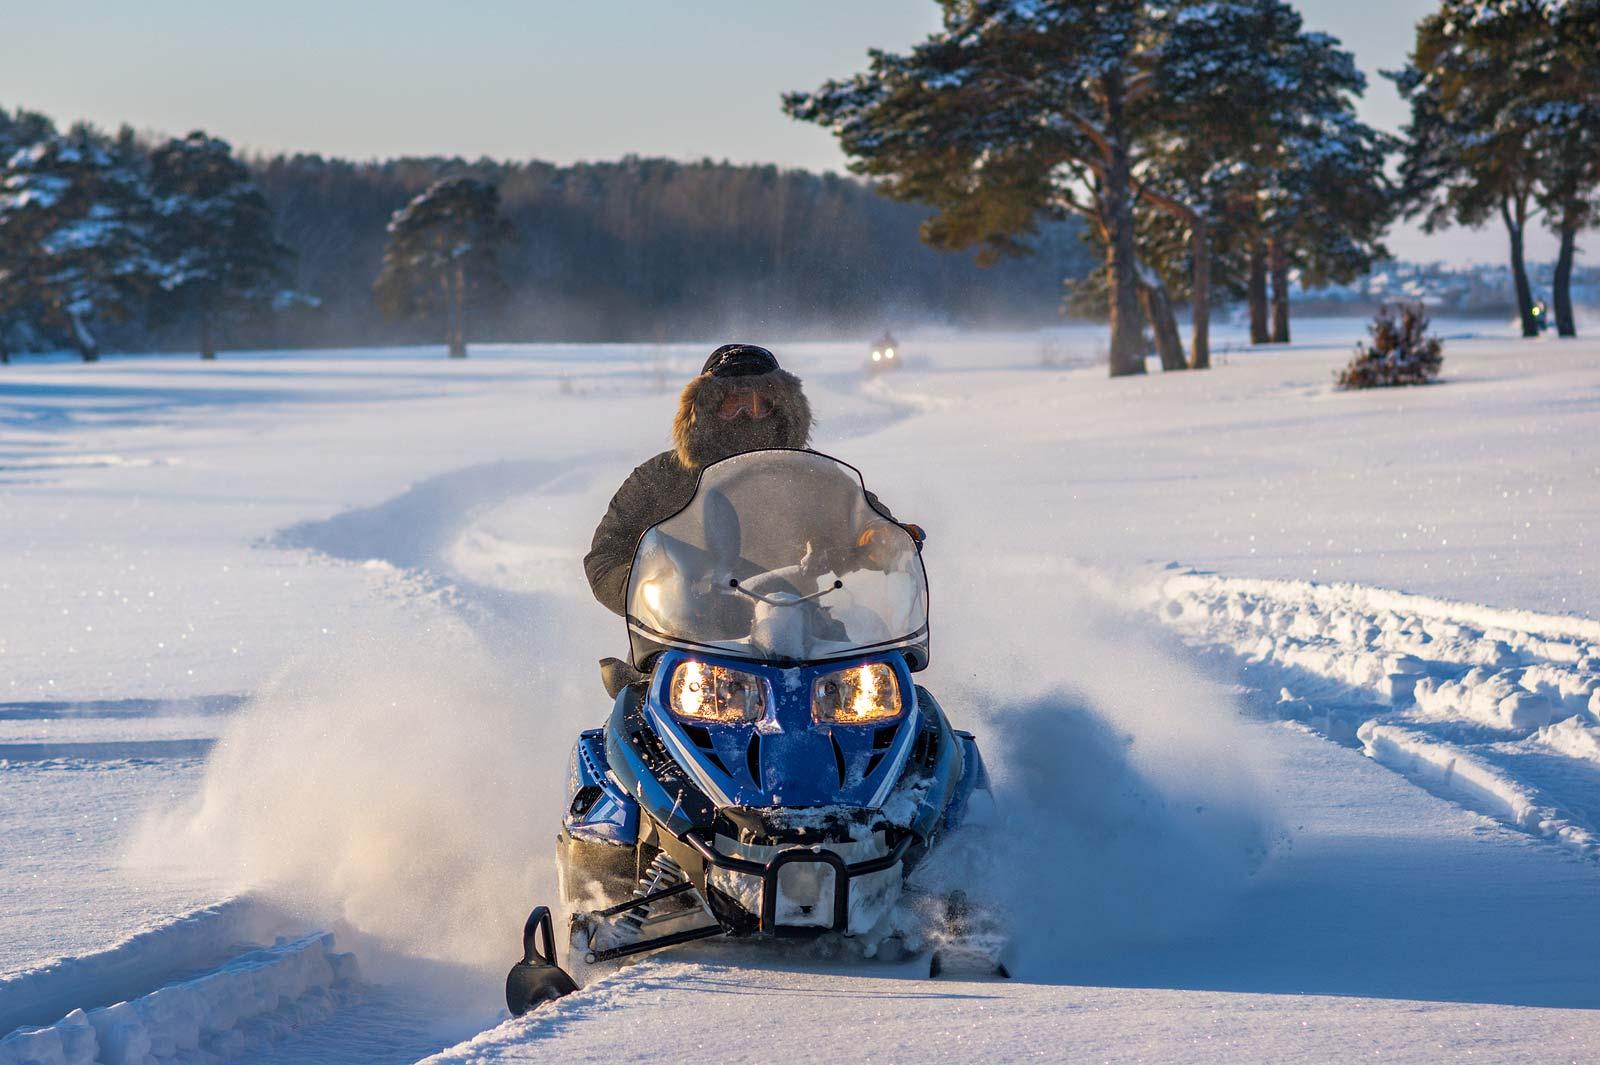 Una moto de nieve corre por un campo nevado.